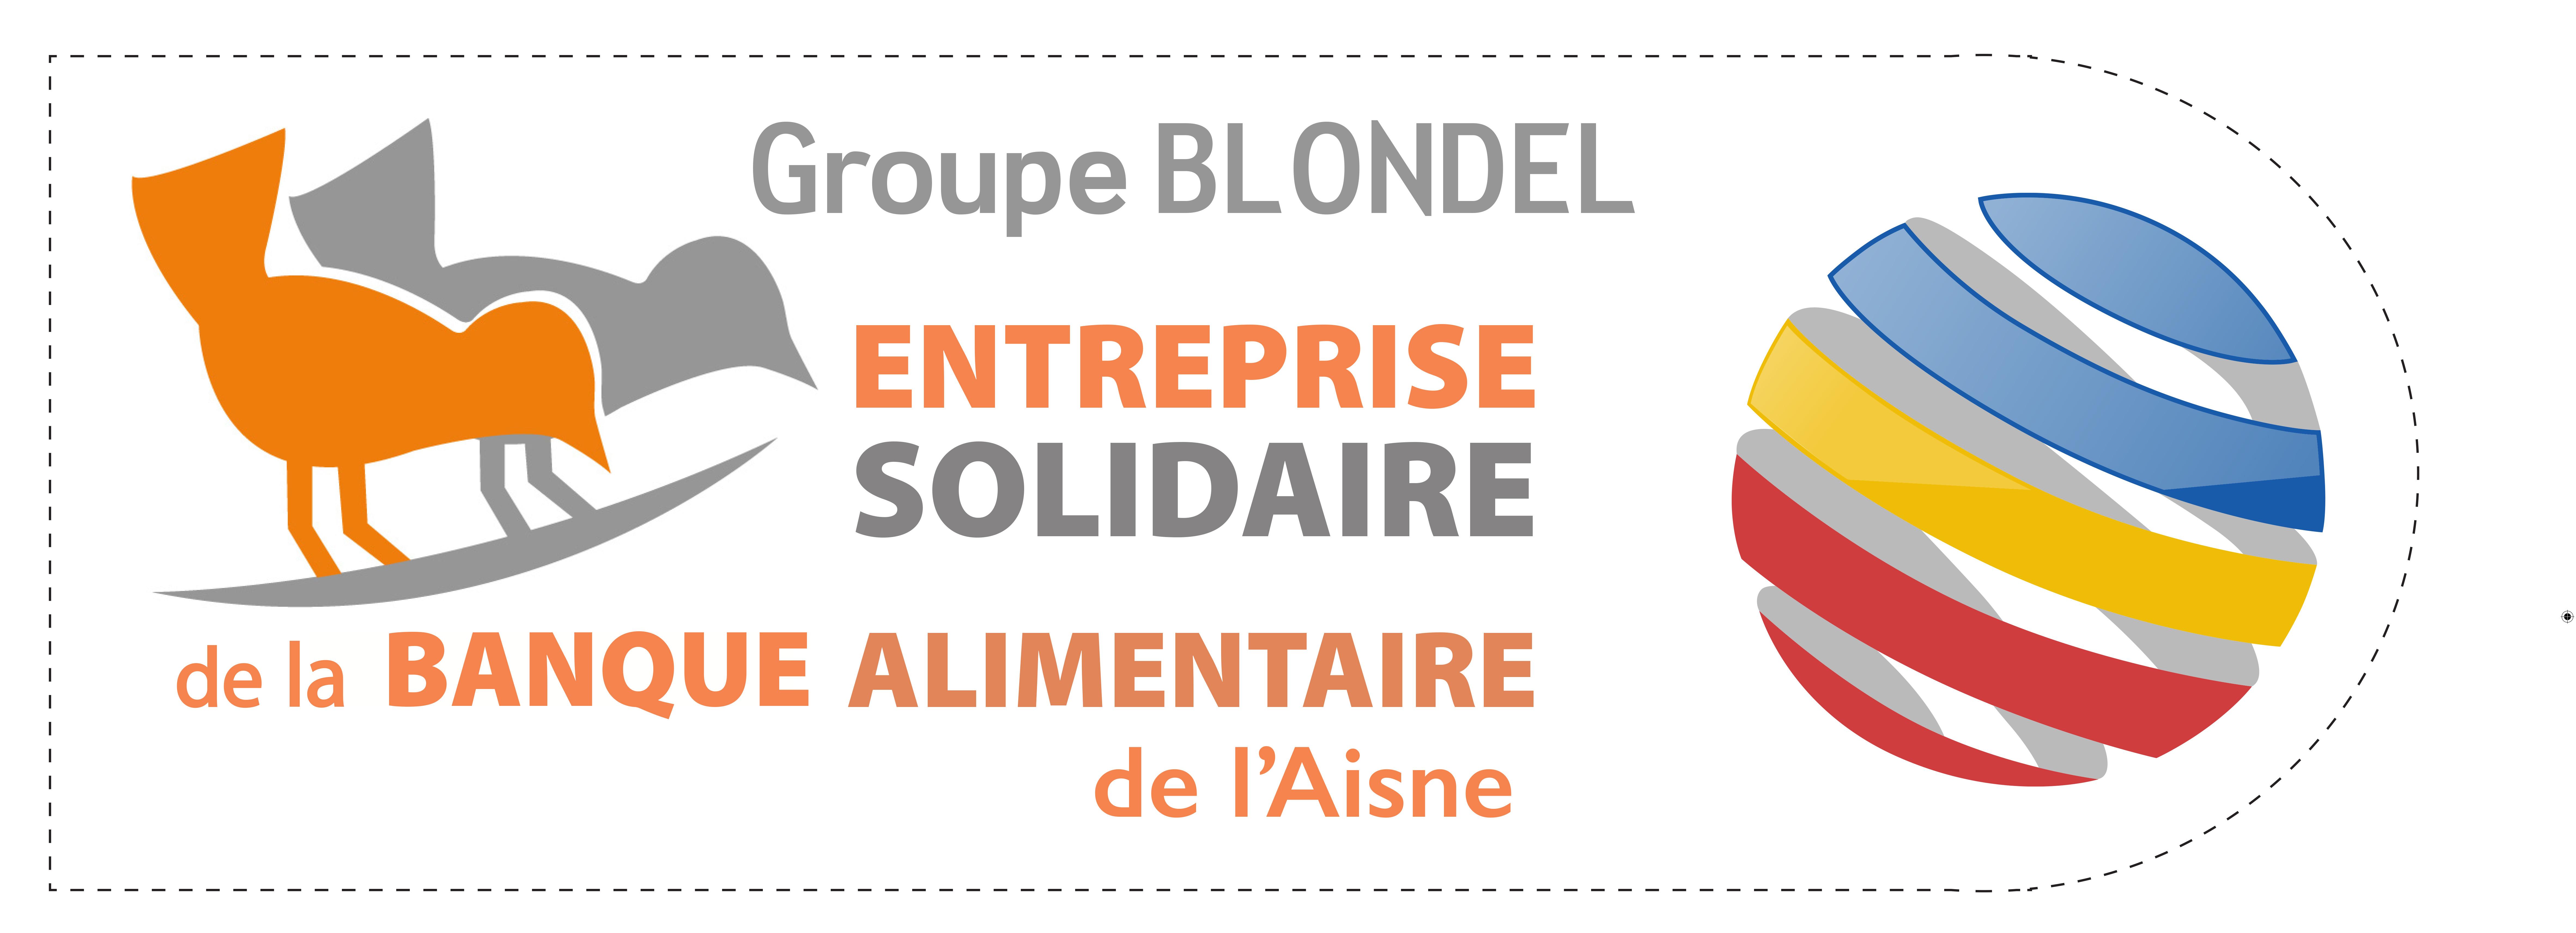 Le Groupe BLONDEL s'engage auprès de la Banque Alimentaire de l'Aisne